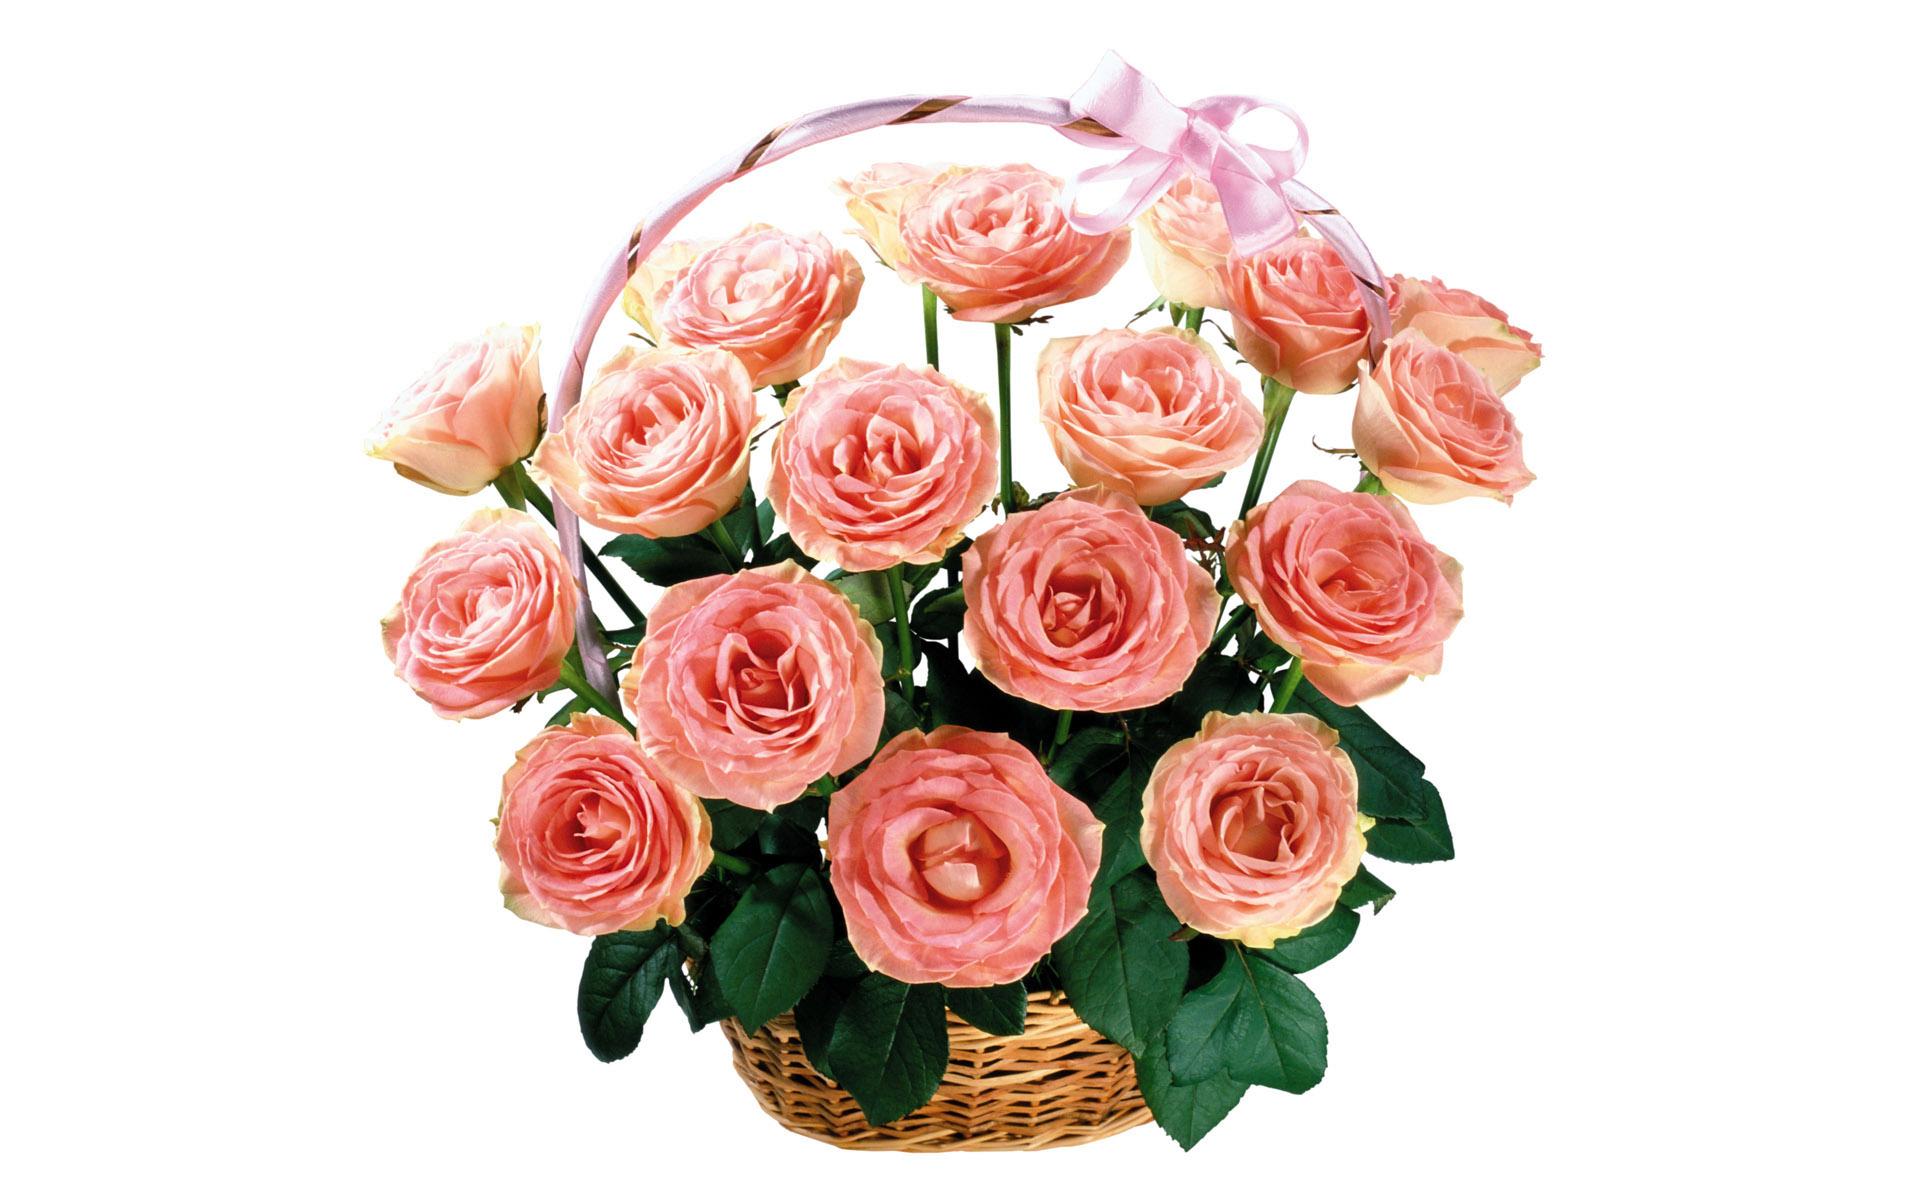 этого картинка букет роз с днем рождения на прозрачном фоне это удивительно, истории